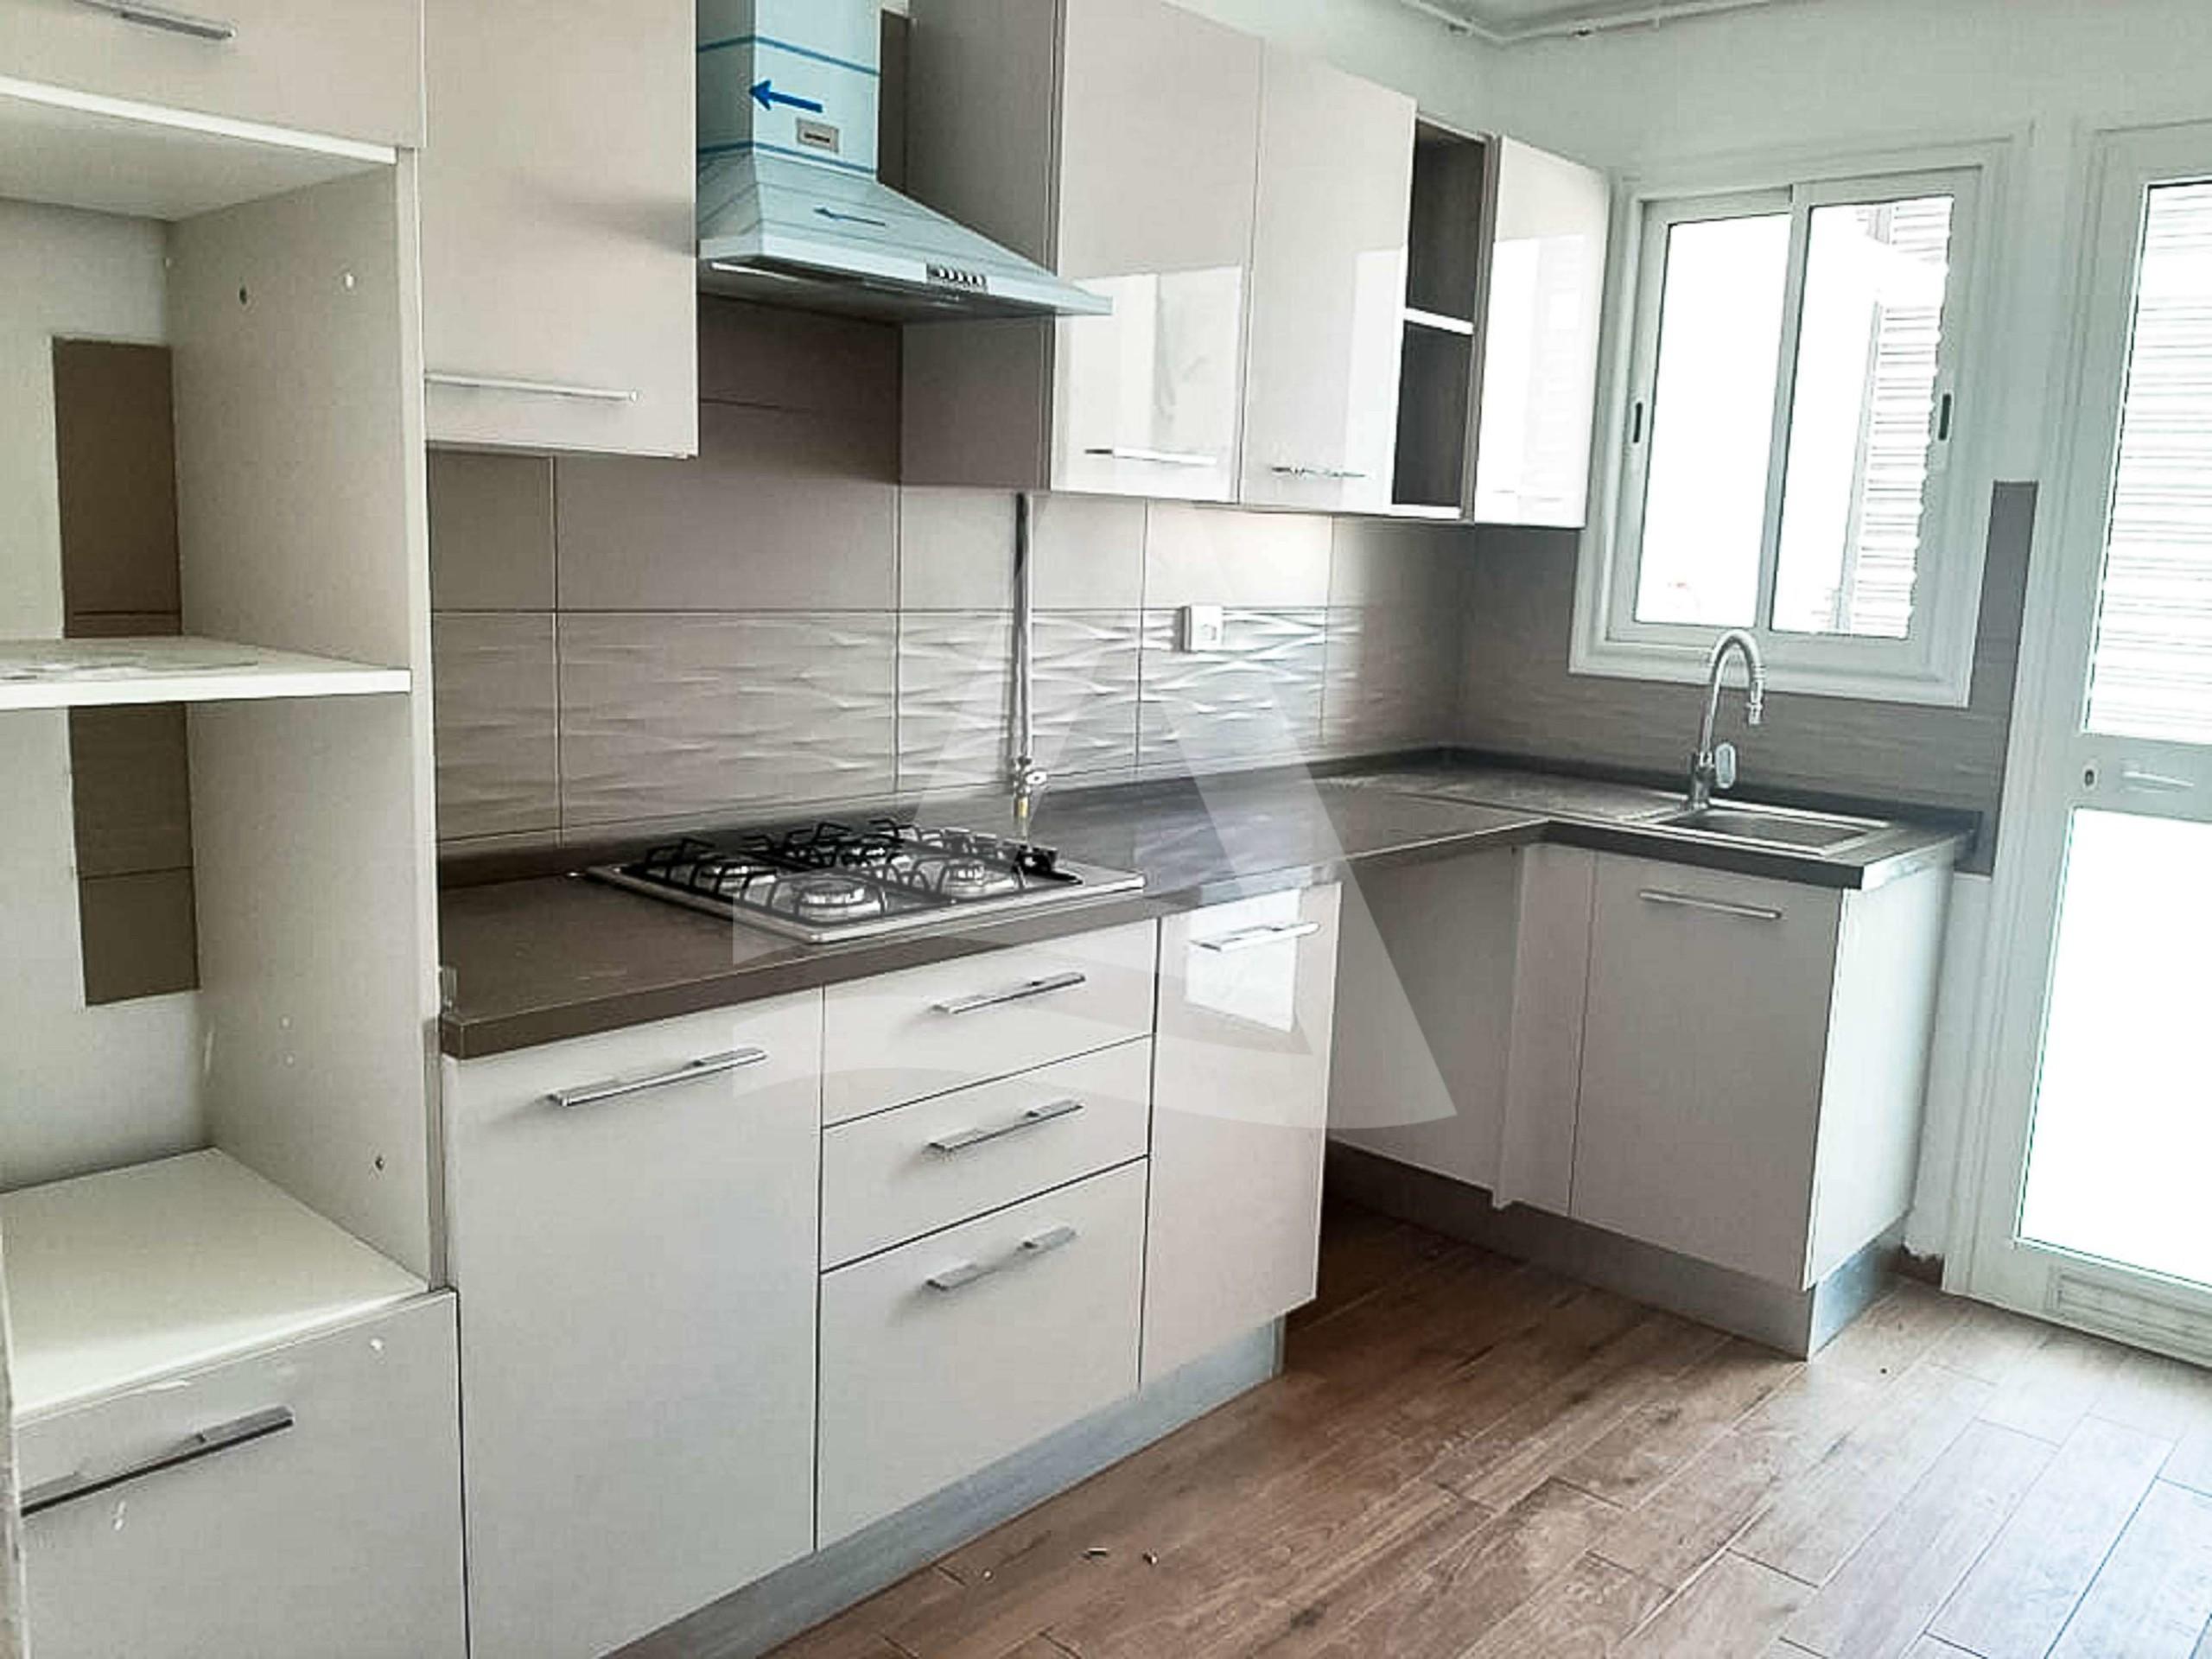 httpss3.amazonaws.comlogimoaws148312701599491837_Arcane_immobilière_la_Marsa-_location_-_vente_la_marsa__-4